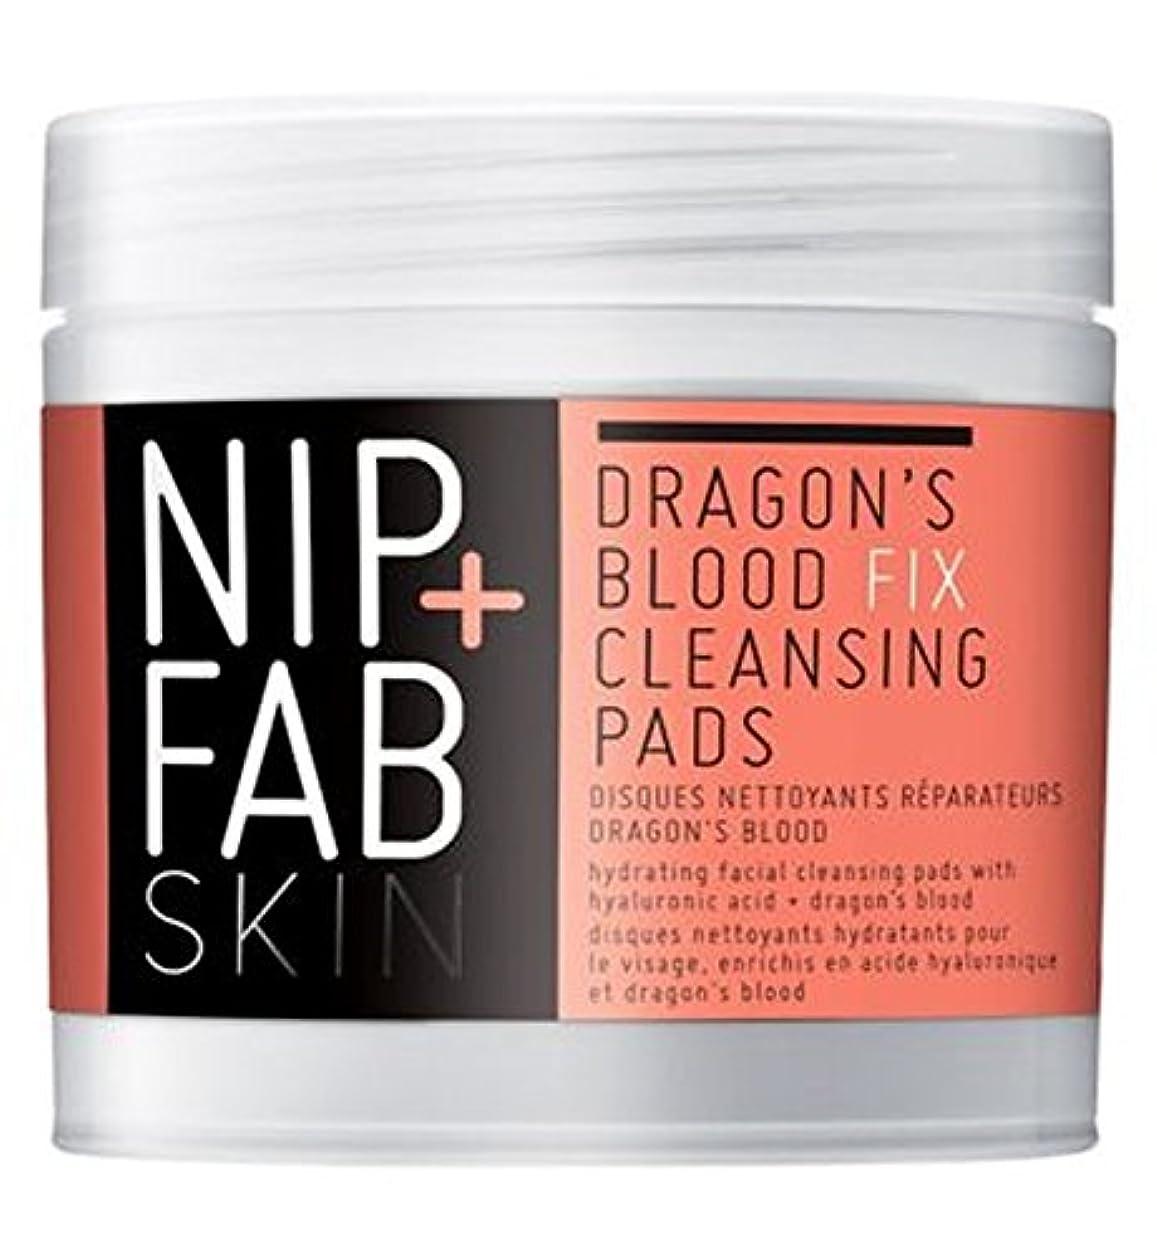 エイズ争う本物の+ファブ竜の血修正パッド80ミリリットルニップ (Nip & Fab) (x2) - Nip+Fab Dragons Blood Fix Pads 80ml (Pack of 2) [並行輸入品]